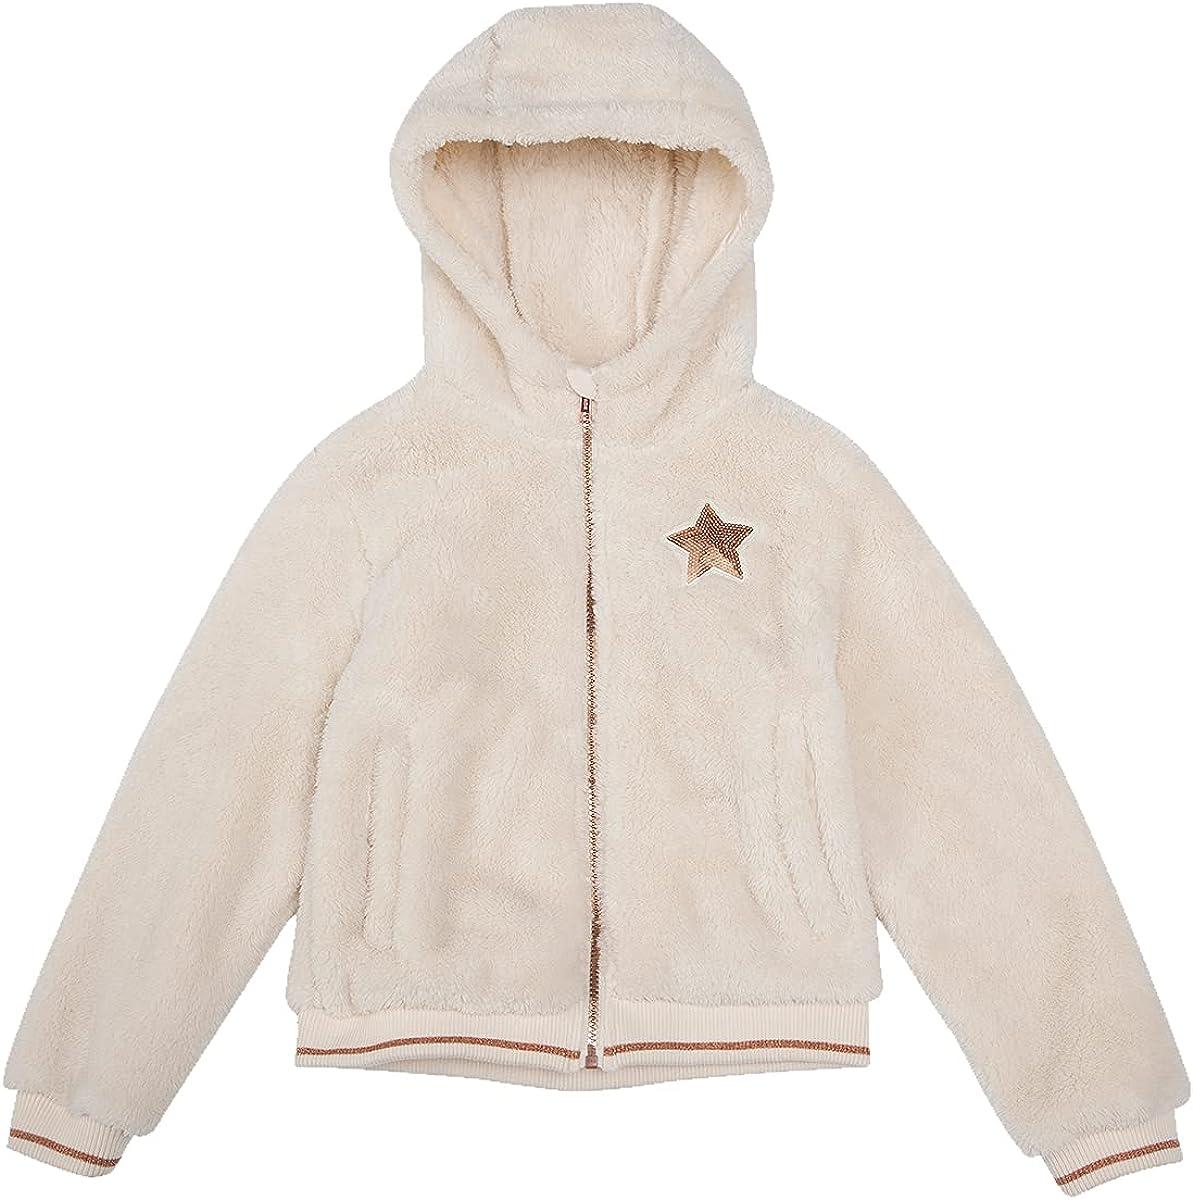 Rokka&Rolla Girl's Sherpa Fleece Full-Zip Fuzzy Jacket